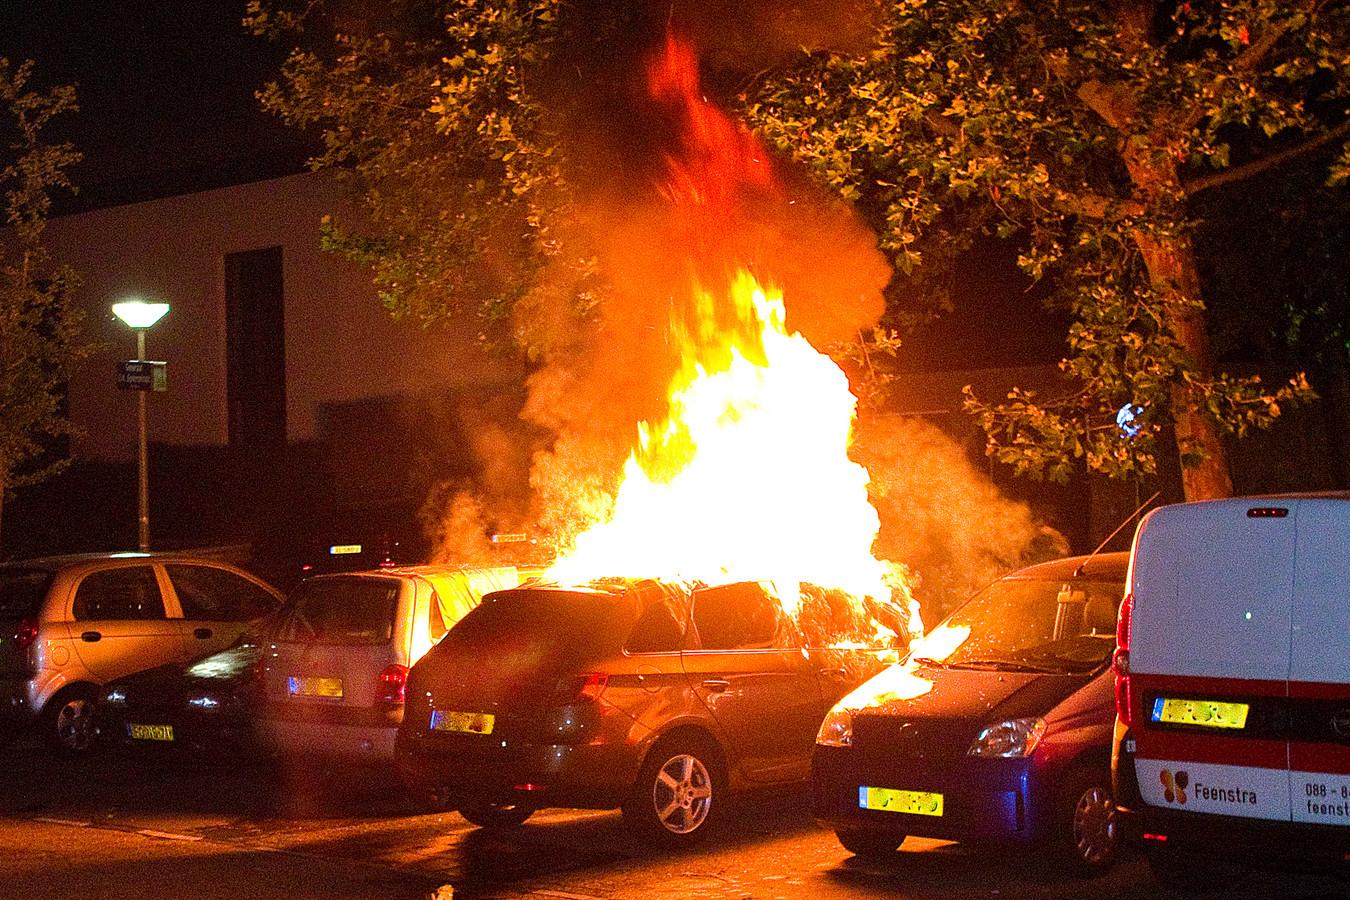 In de nacht van vrijdag 26 juli op zaterdag 27 juli ging een auto aan de Generaal S.H. Spoorstraat in vlammen op.